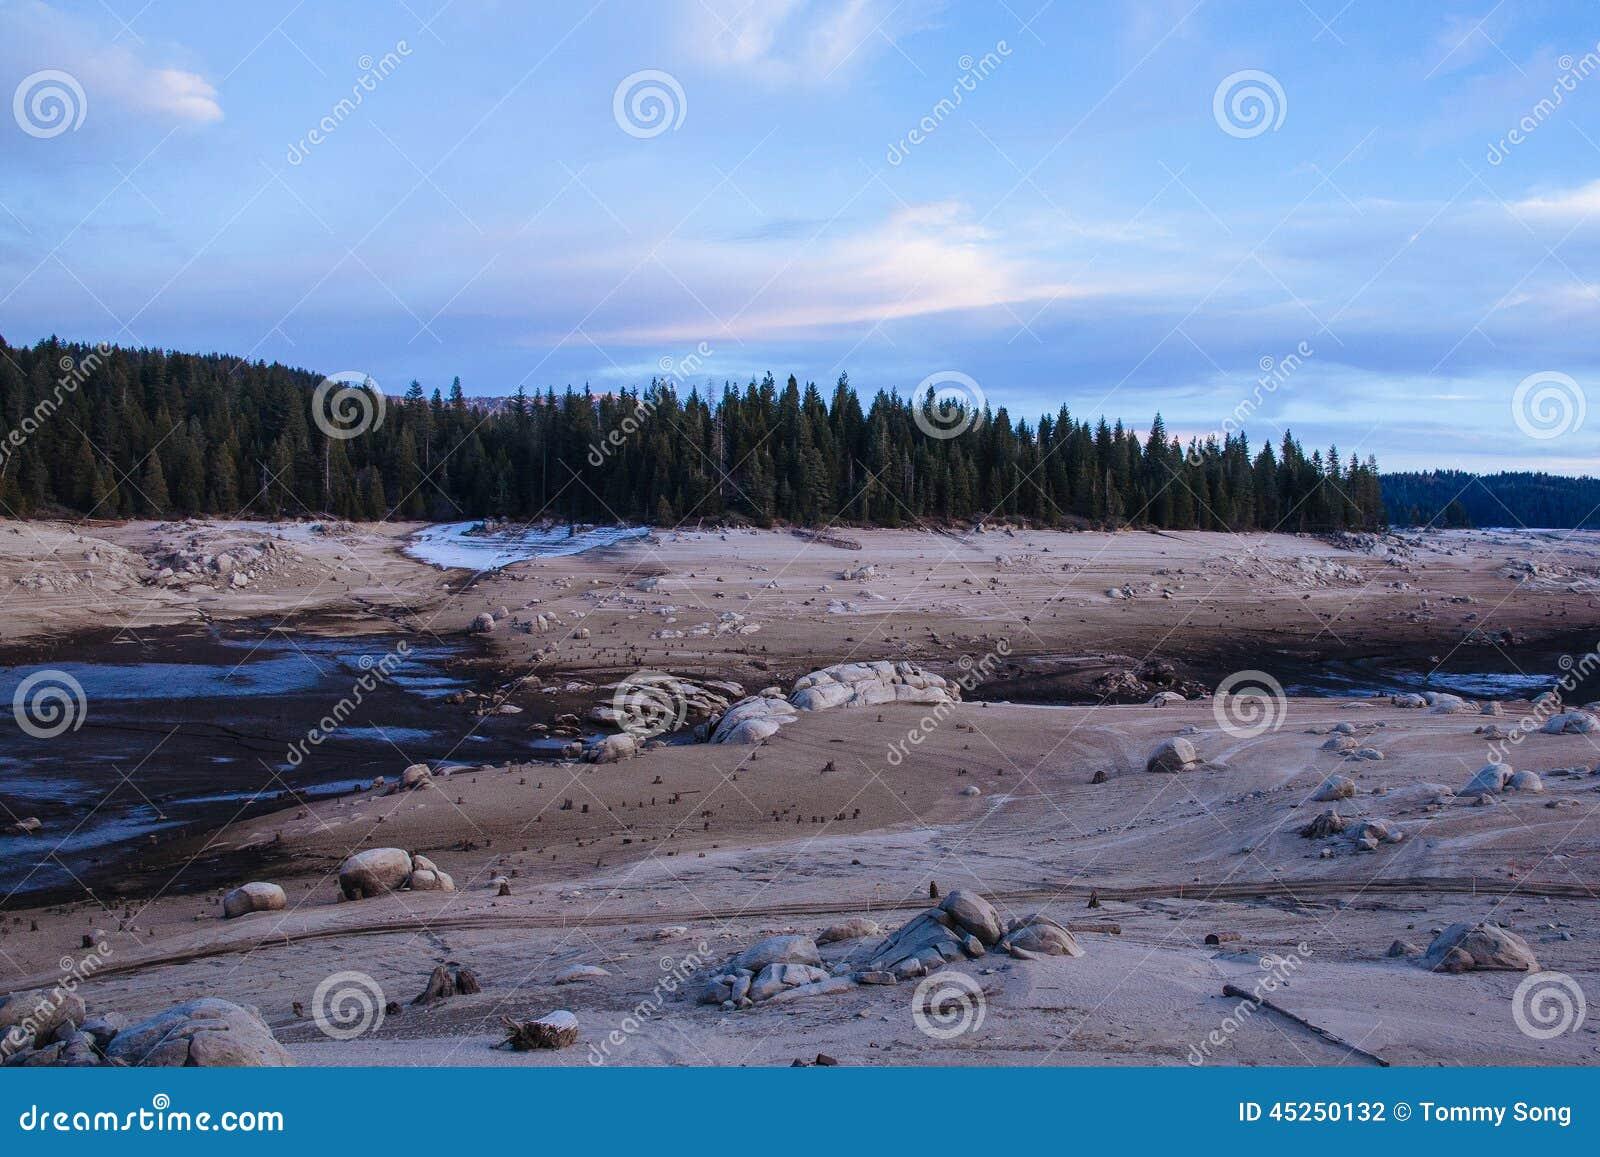 Abgelassenes Reservoir in Sierra Nevada, Kalifornien